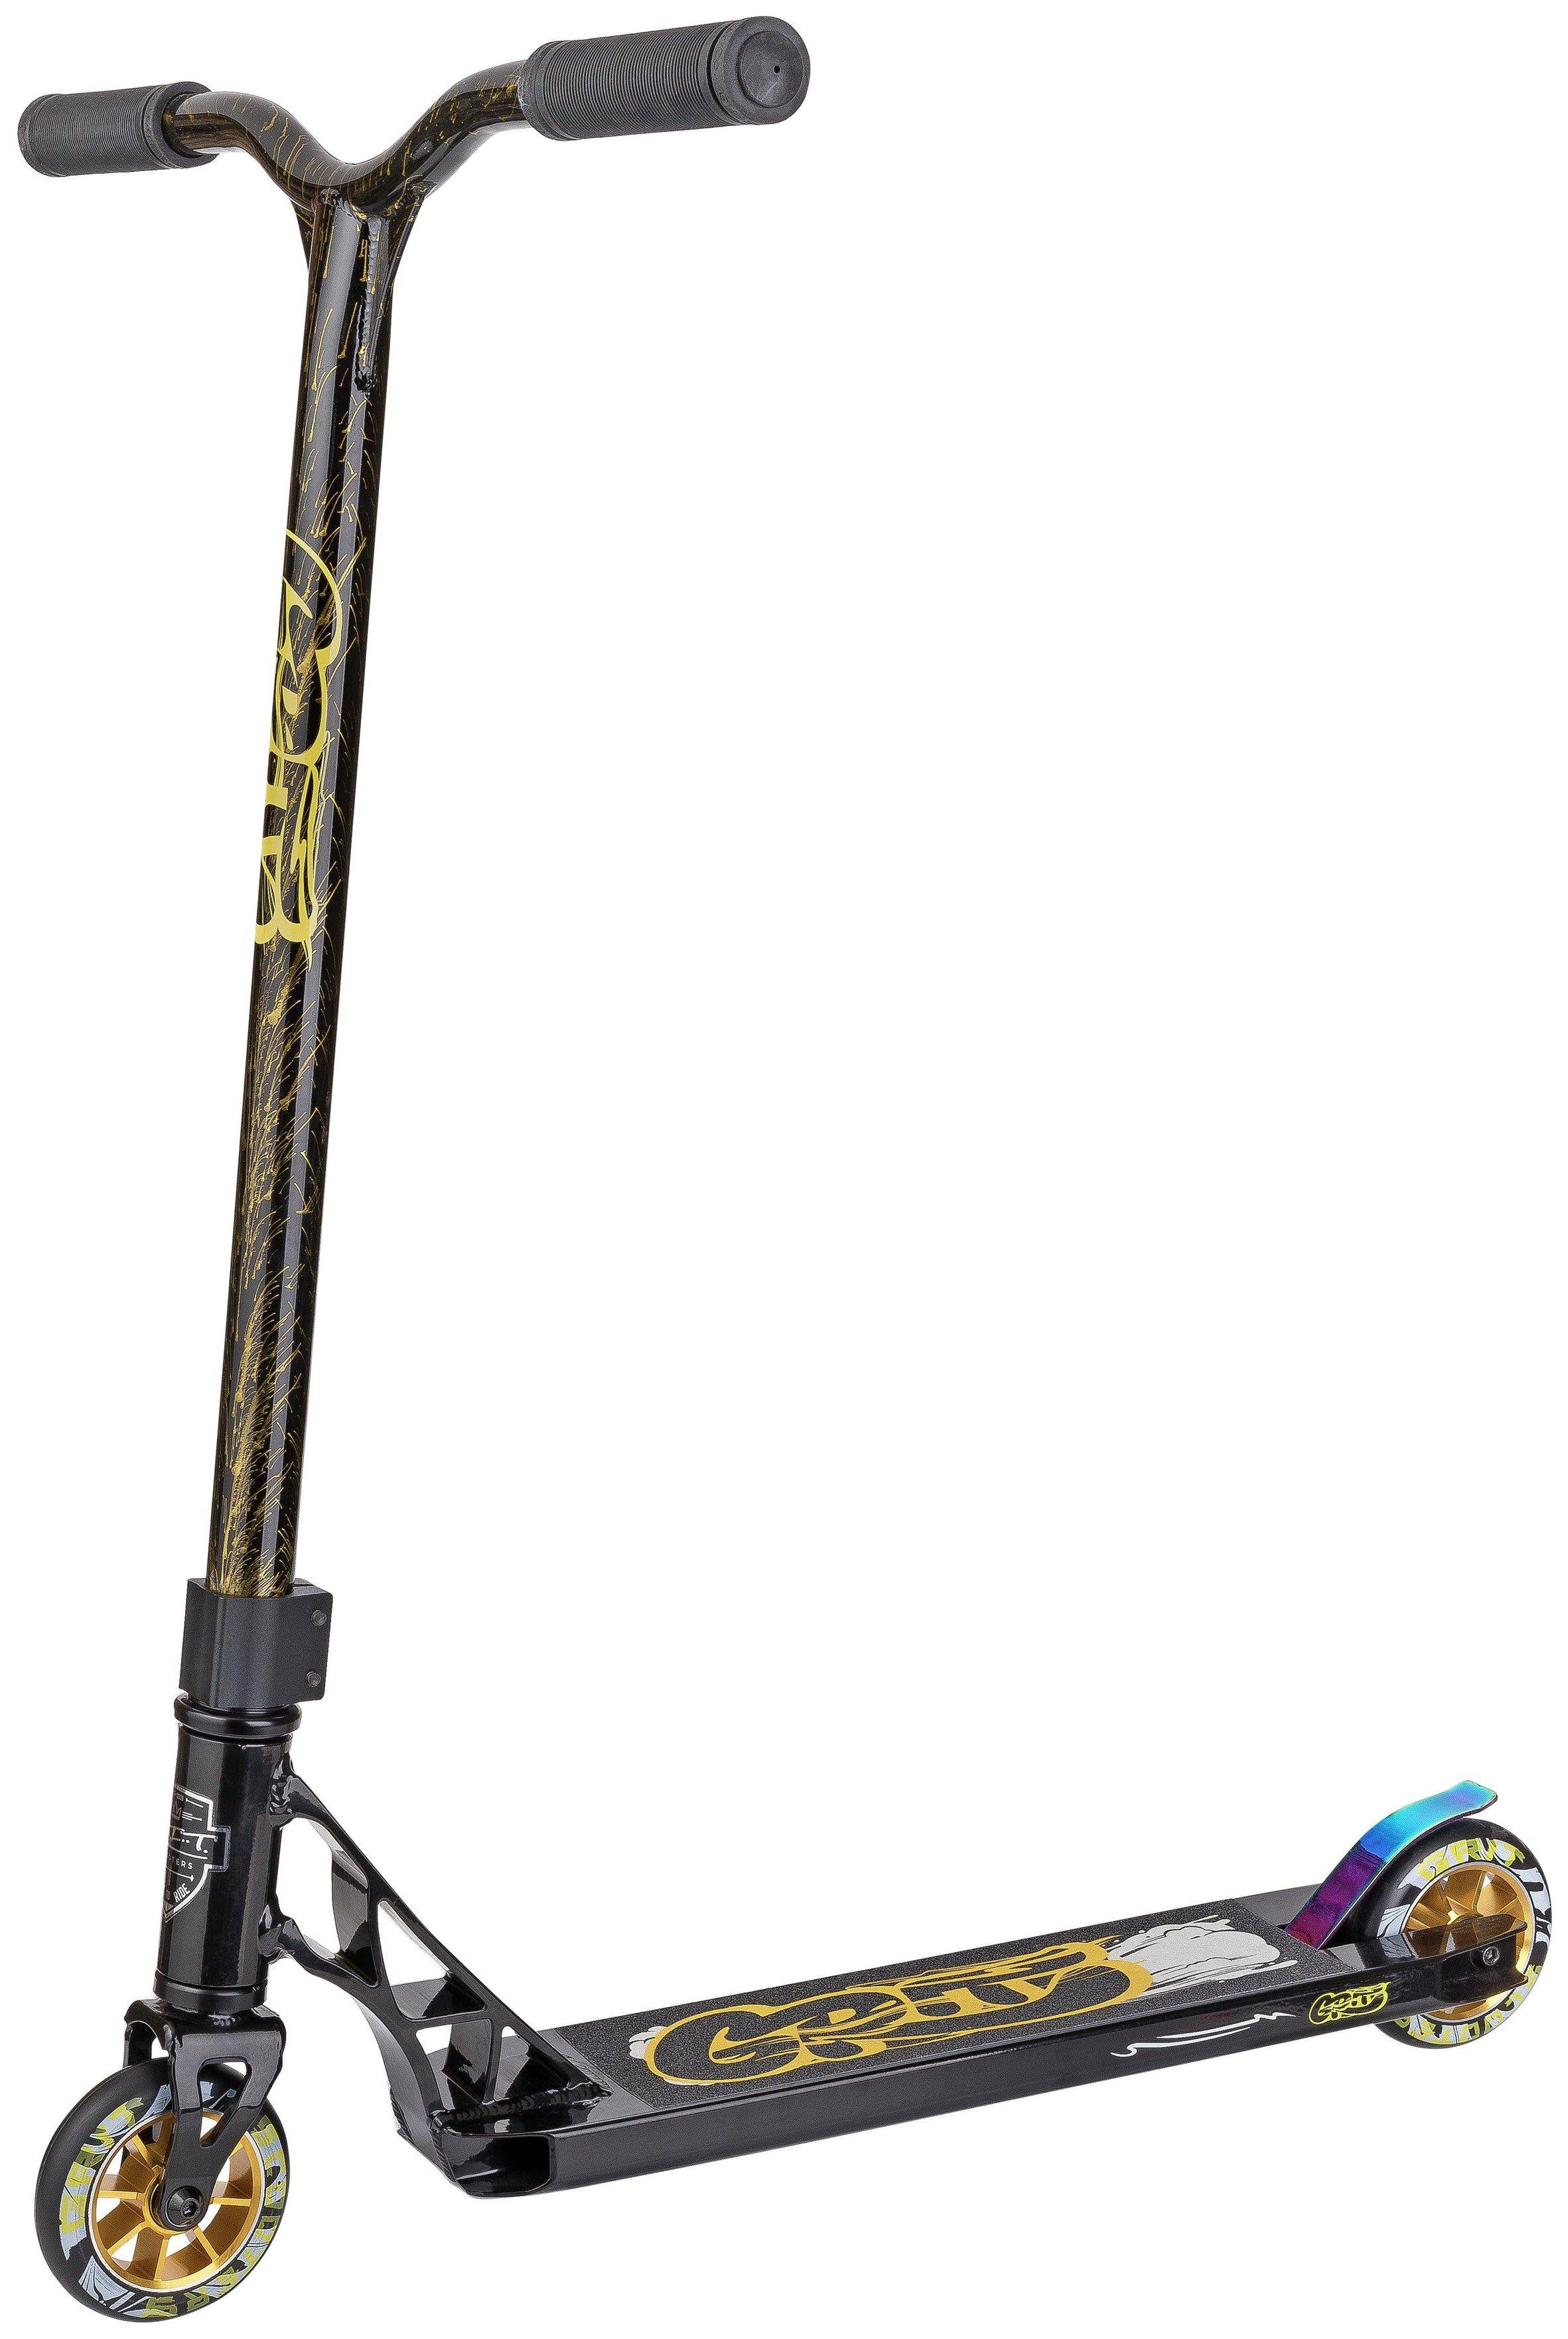 Image of Grit Fluxx Stunt Scooter - Black & Gold